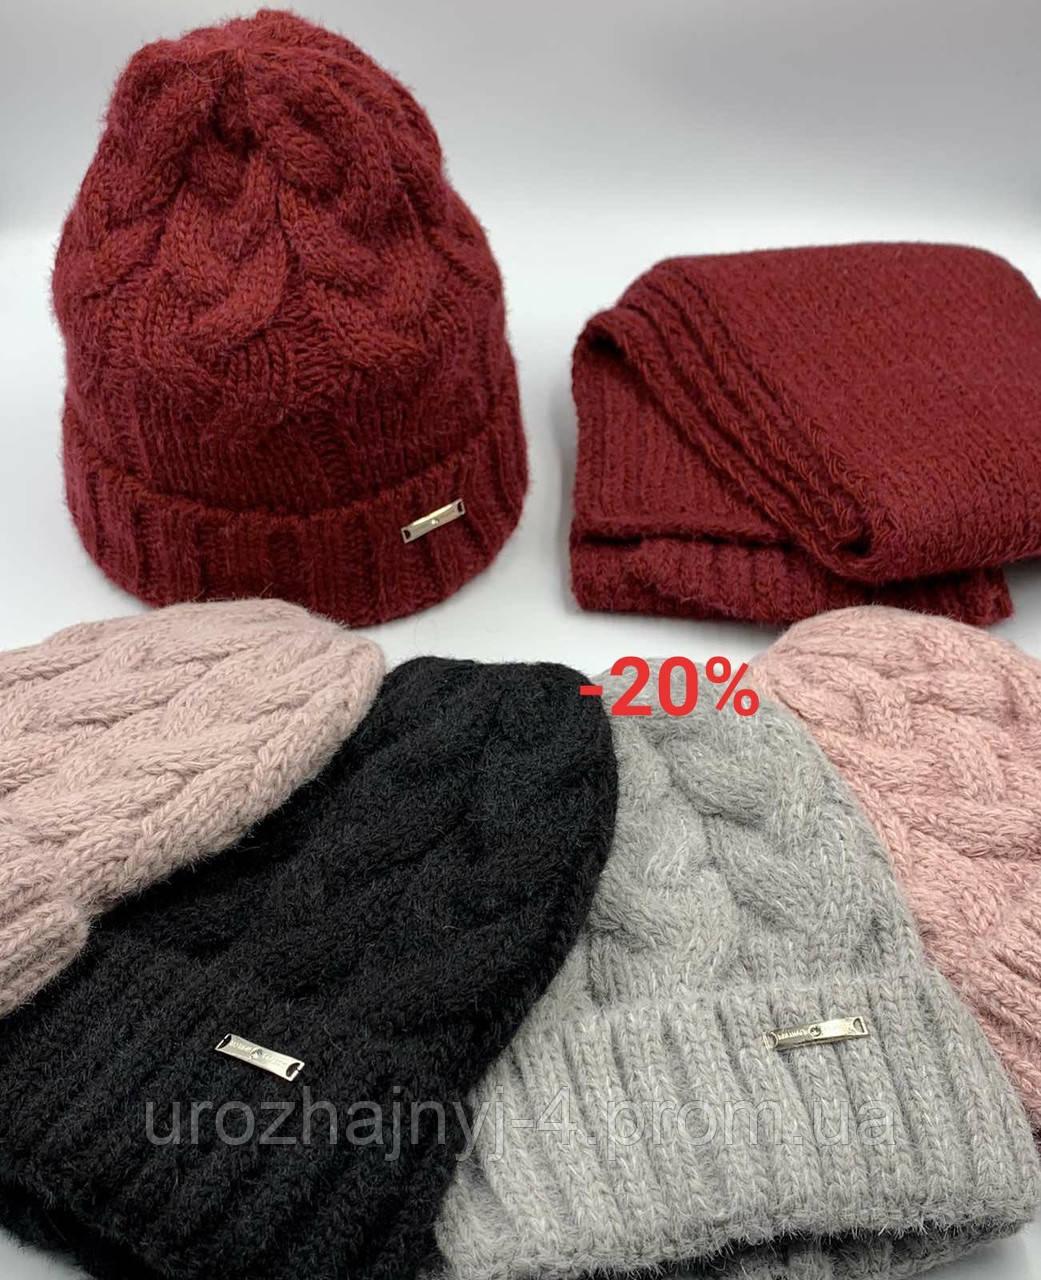 Вязанный набор шапка +шарф 54-56р